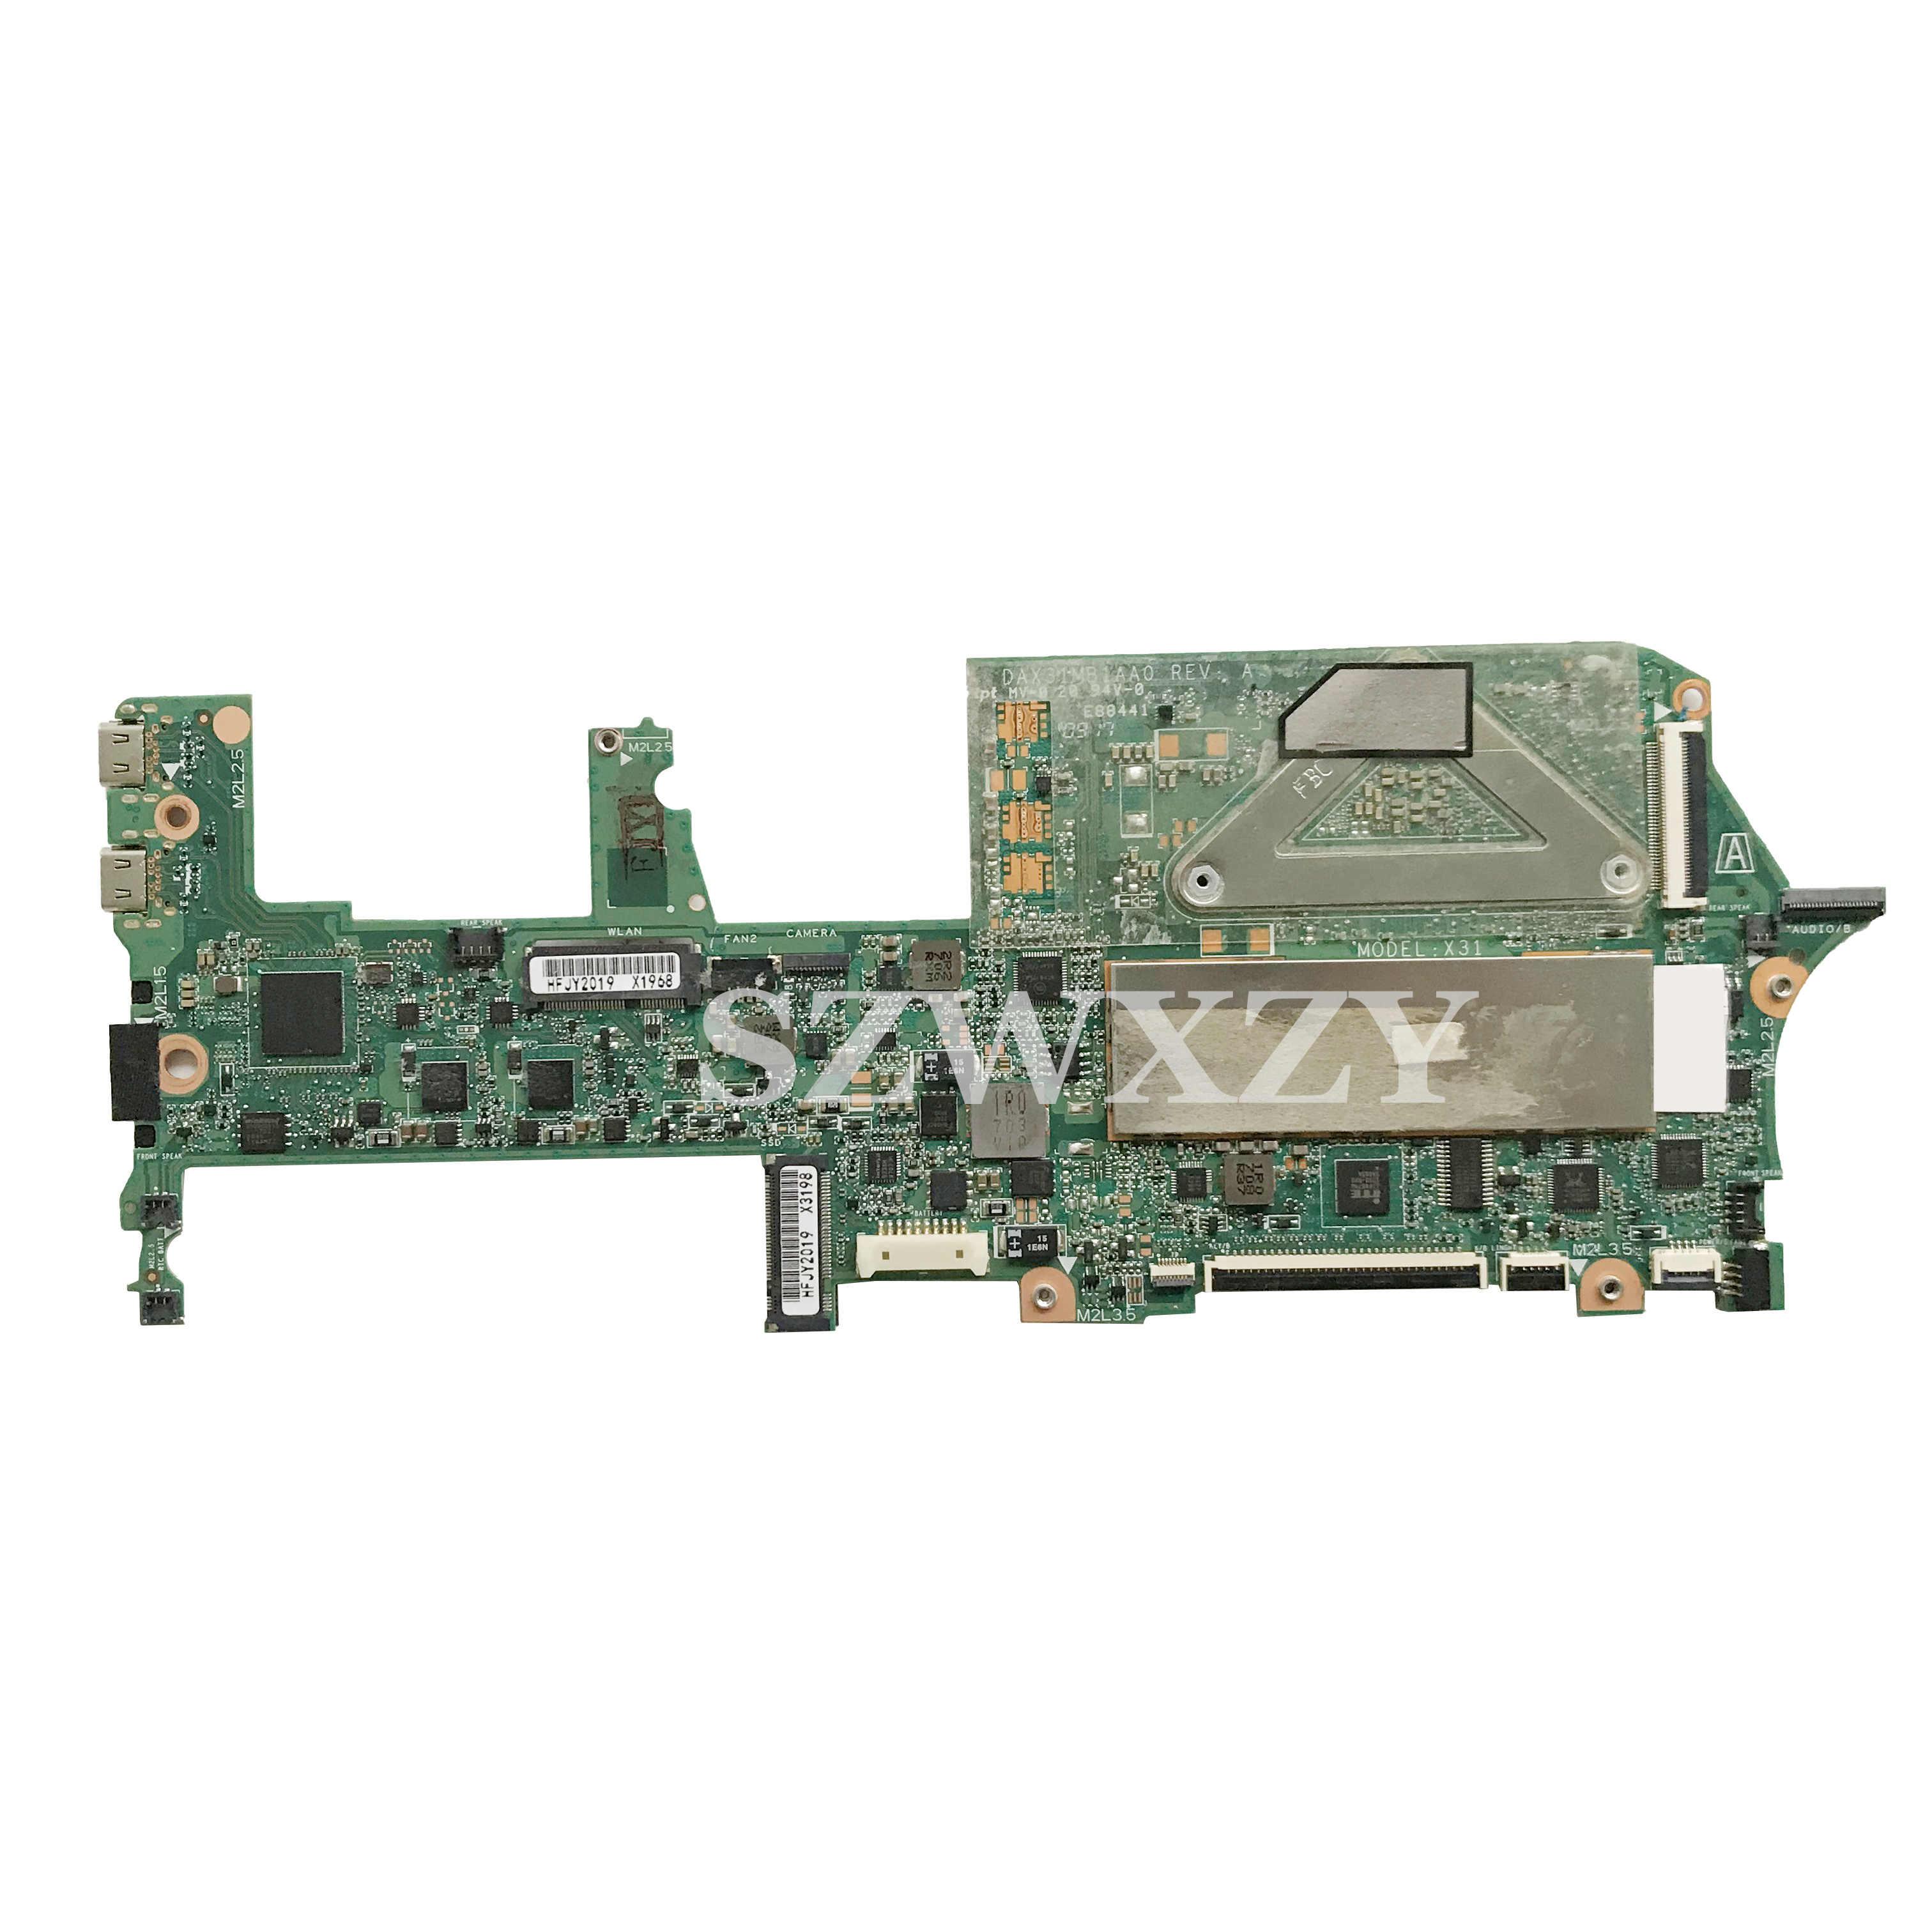 עבור HP Spectre X360 13-AC 13-W מחשב נייד האם DAX31MB1AA0 918044-601 918044-001 עם i5-7200U 8GB RAM מלא נבדק